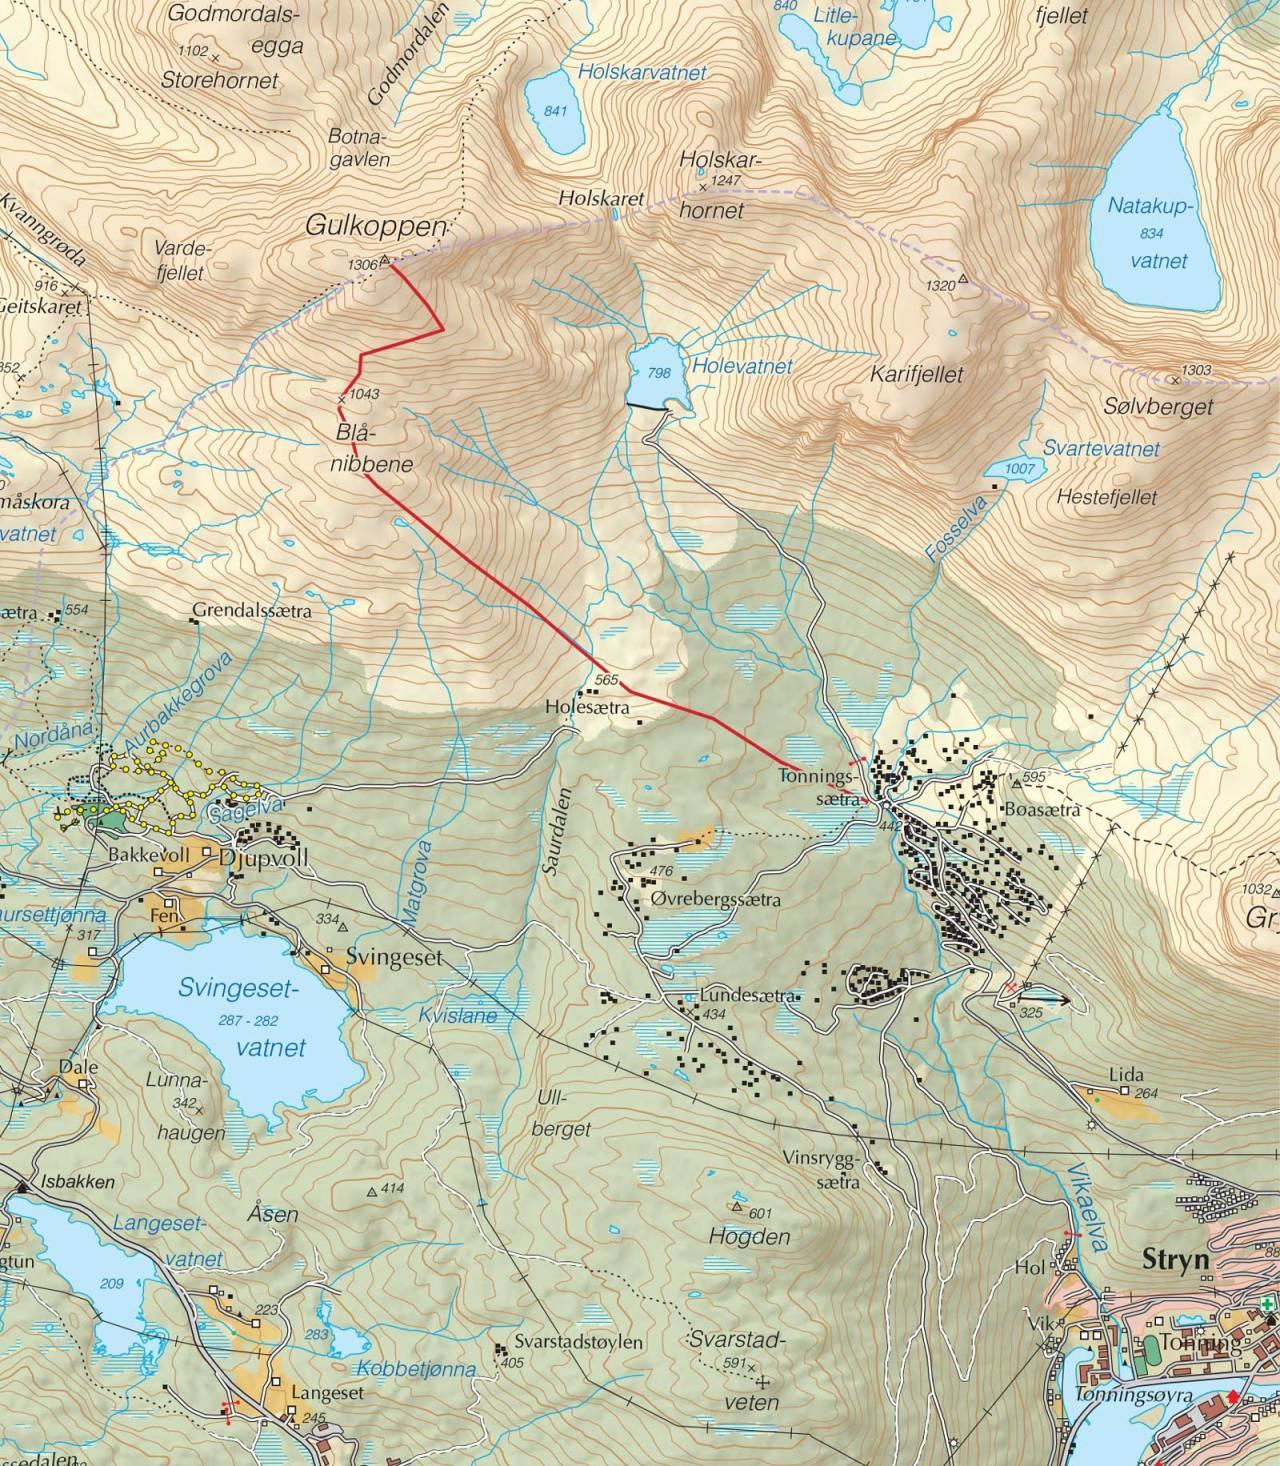 Kart over Gulkoppen med inntegnet rute. Fra Trygge toppturer.